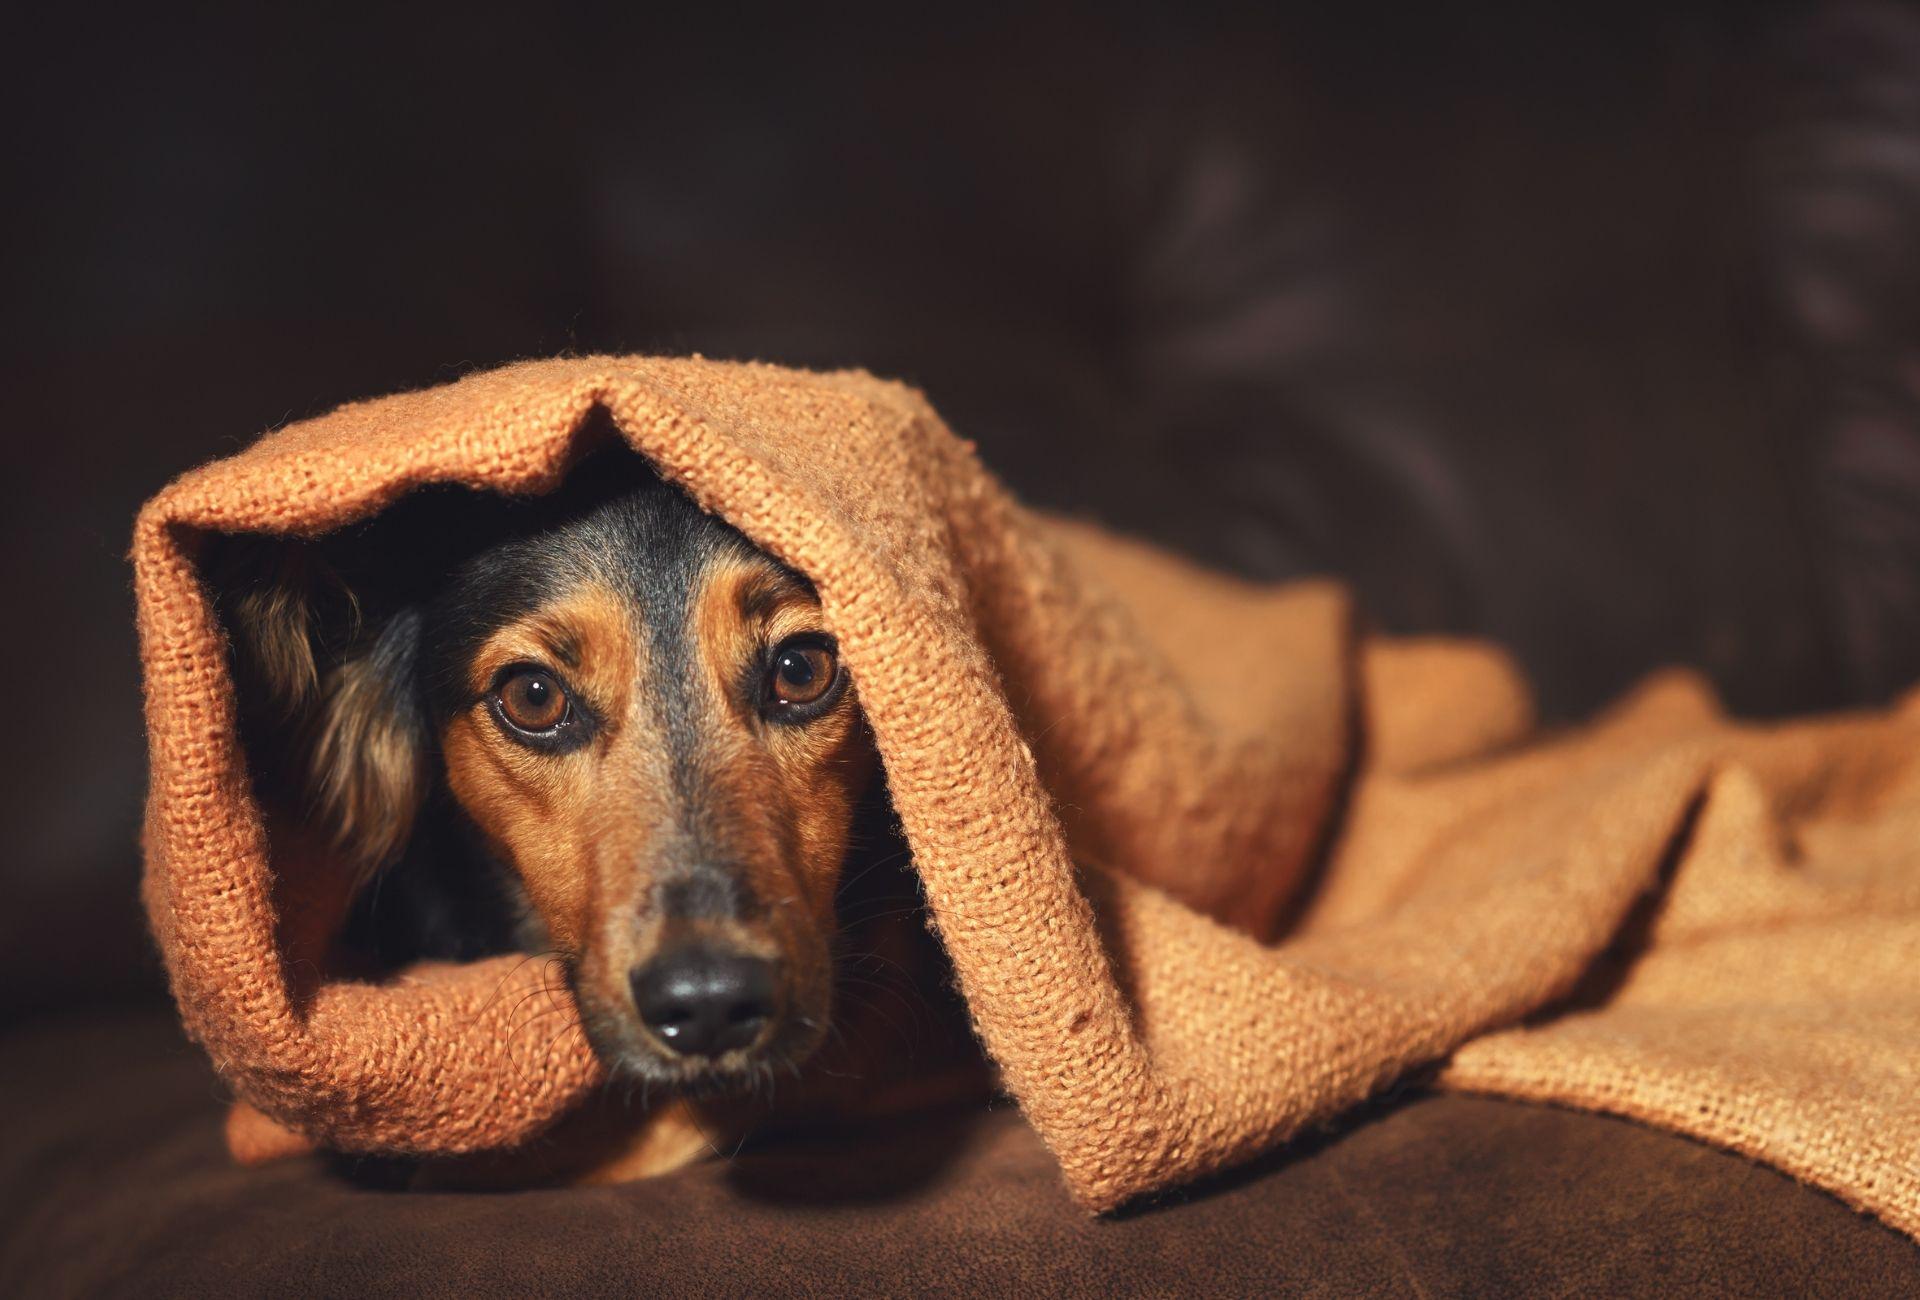 La paranoia en los perros puede ser una de las razones por las que este perrito de repente parece ansioso y se esconde debajo de una manta marrón.